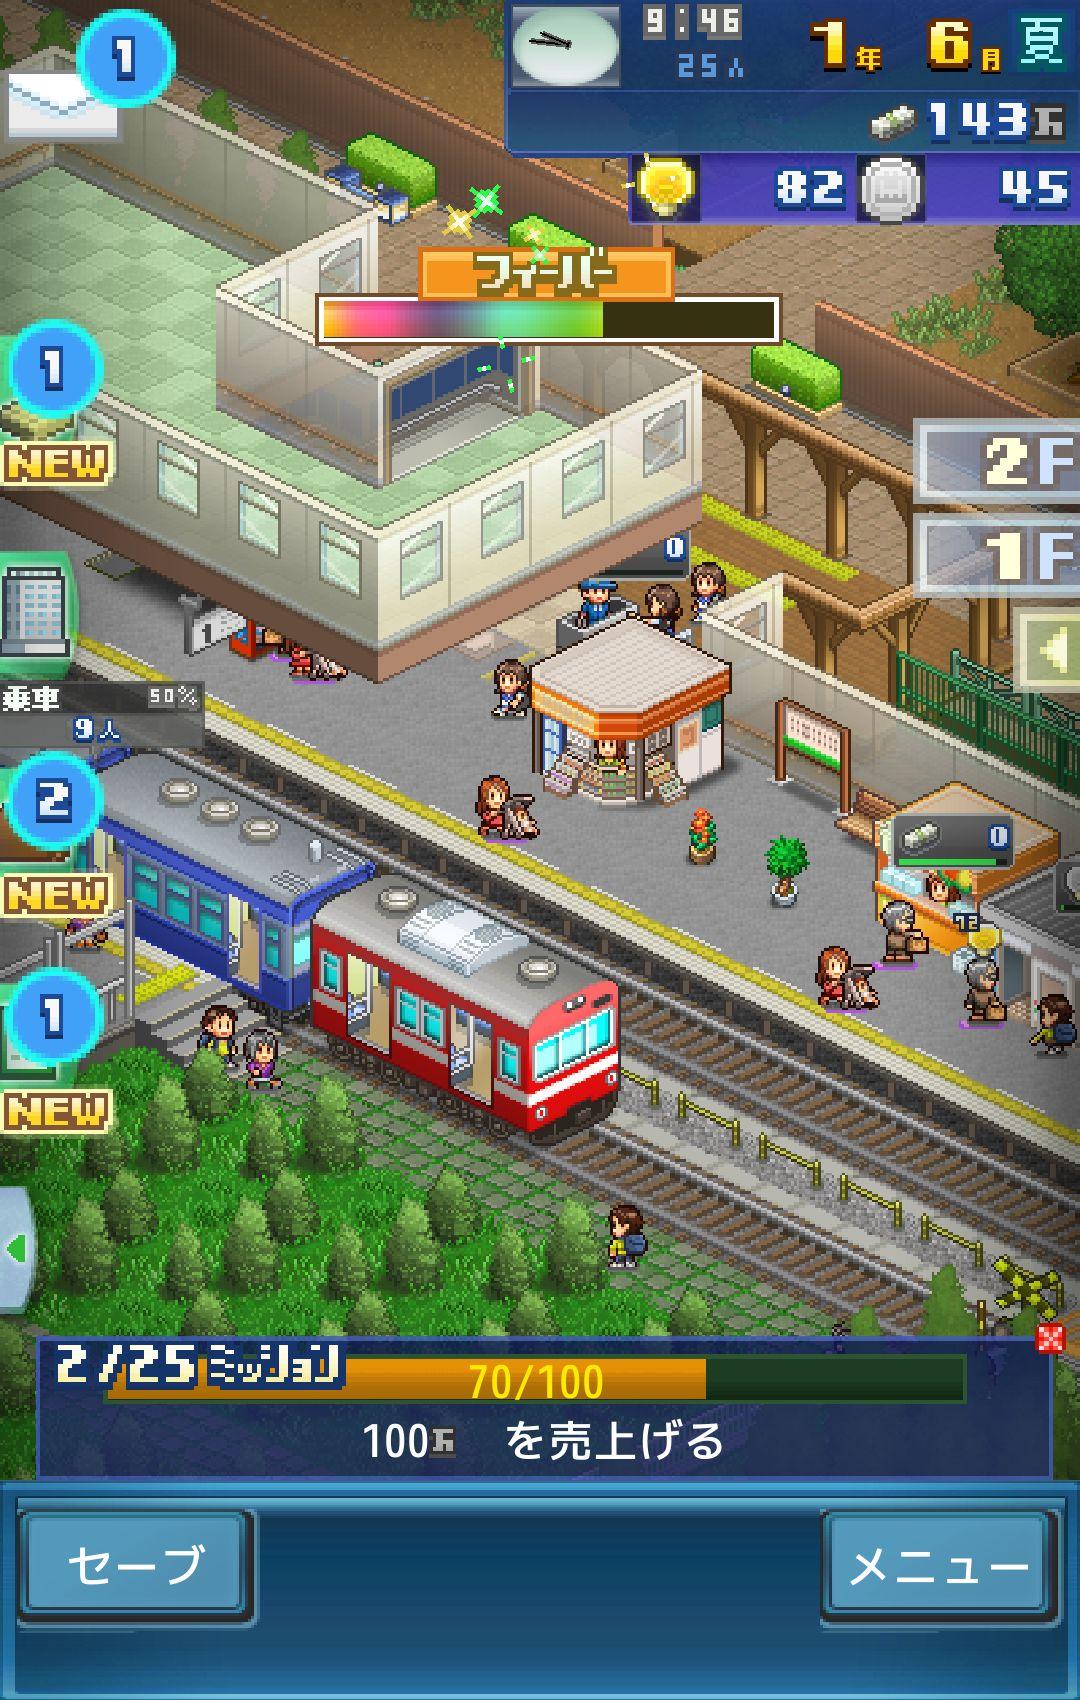 箱庭シティ鉄道 androidアプリスクリーンショット2